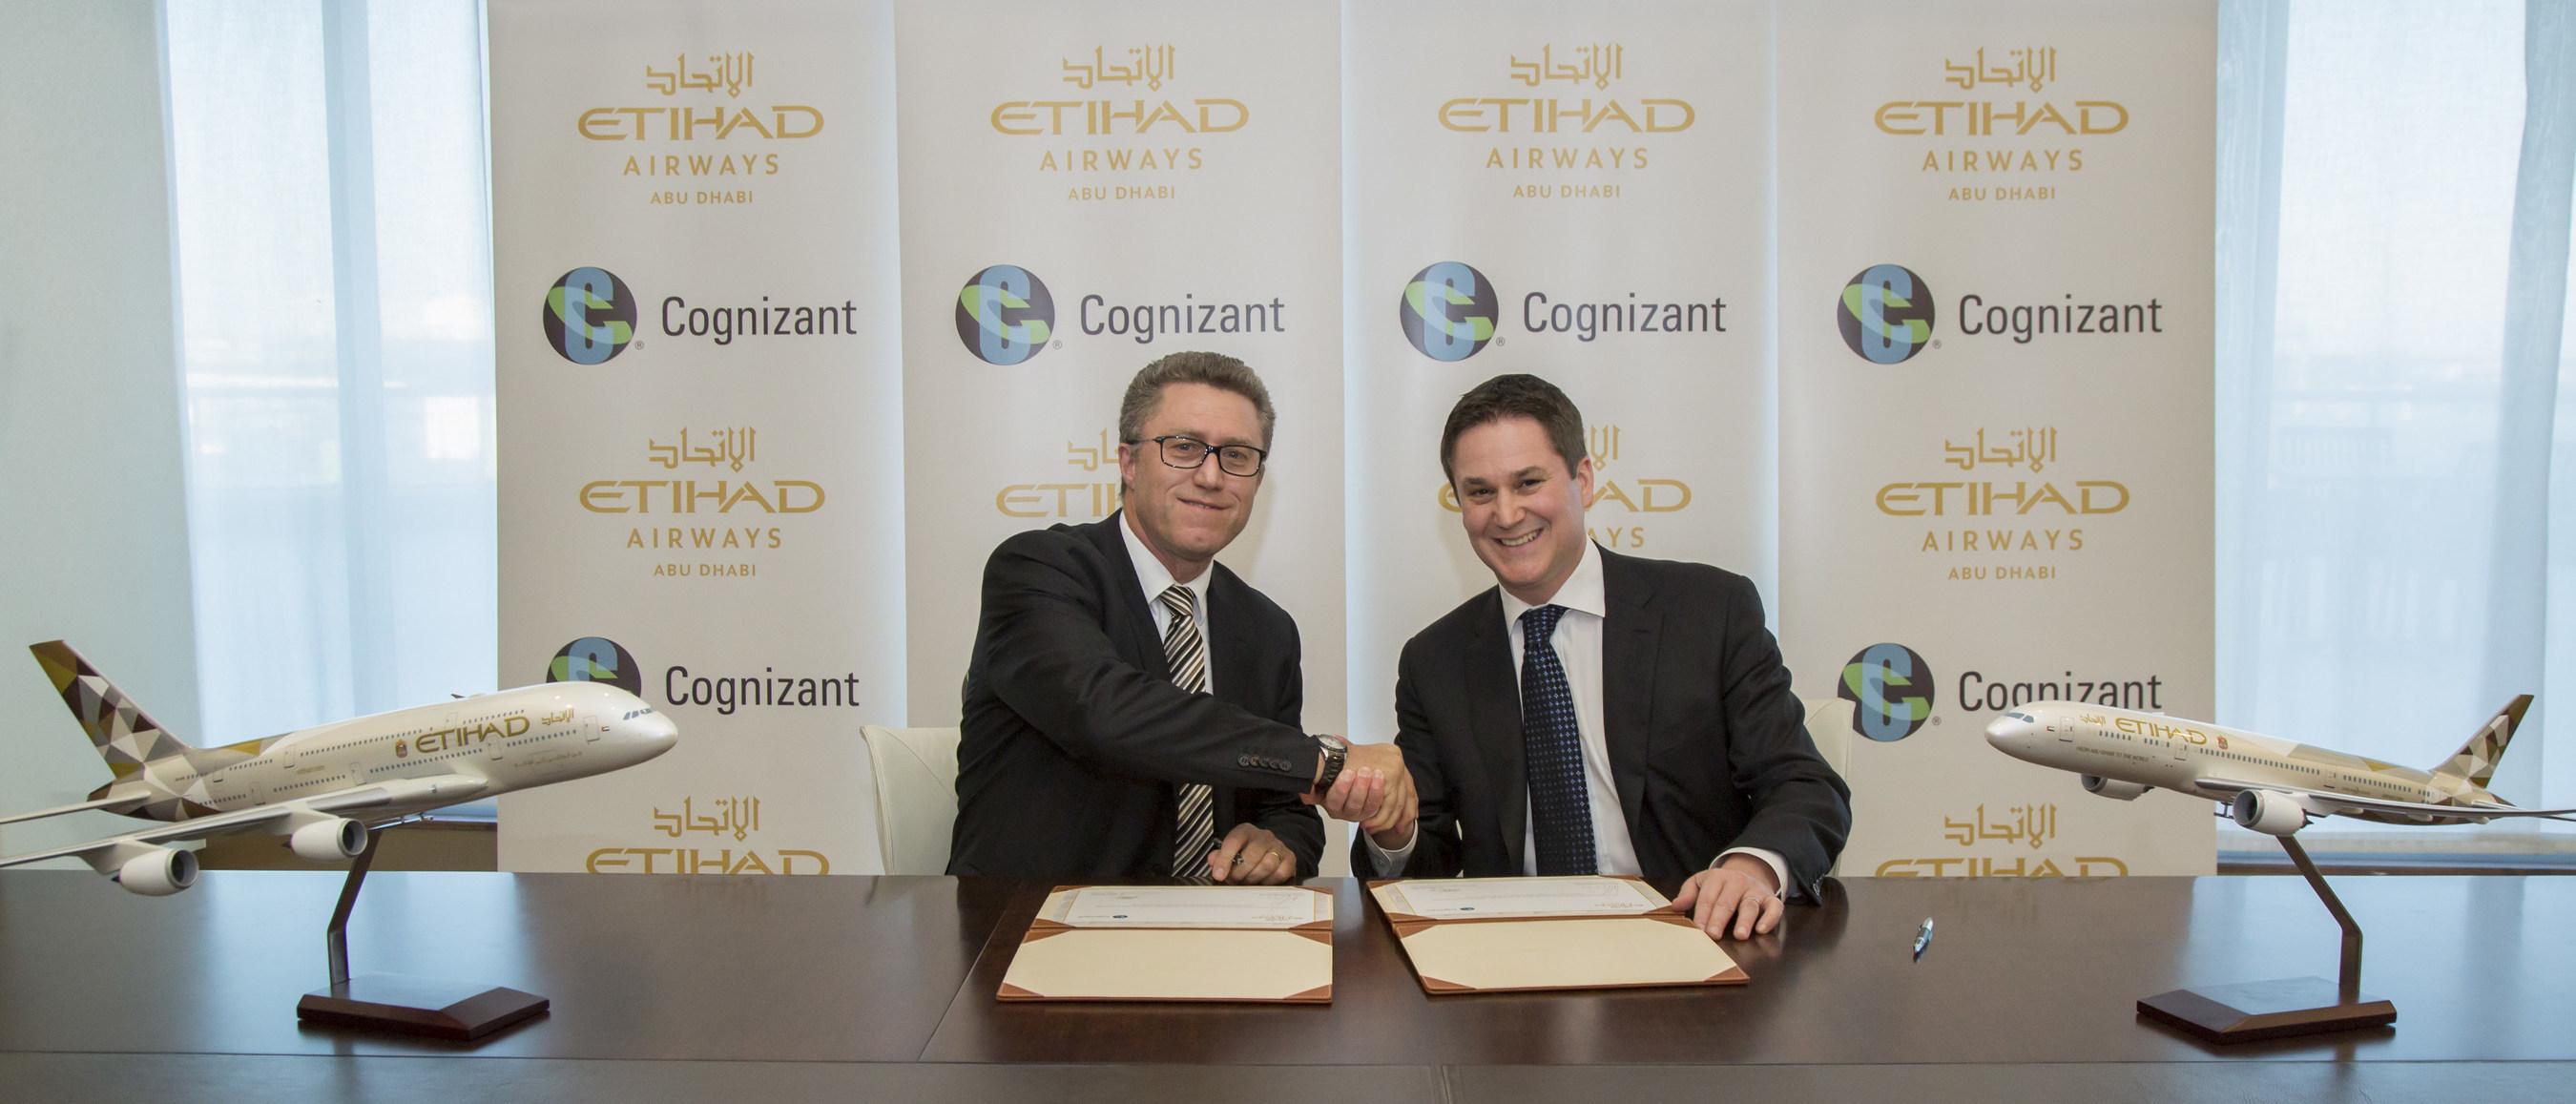 Etihad Airways erfindet gemeinsam mit Cognizant das digitale kundenerlebnis neu